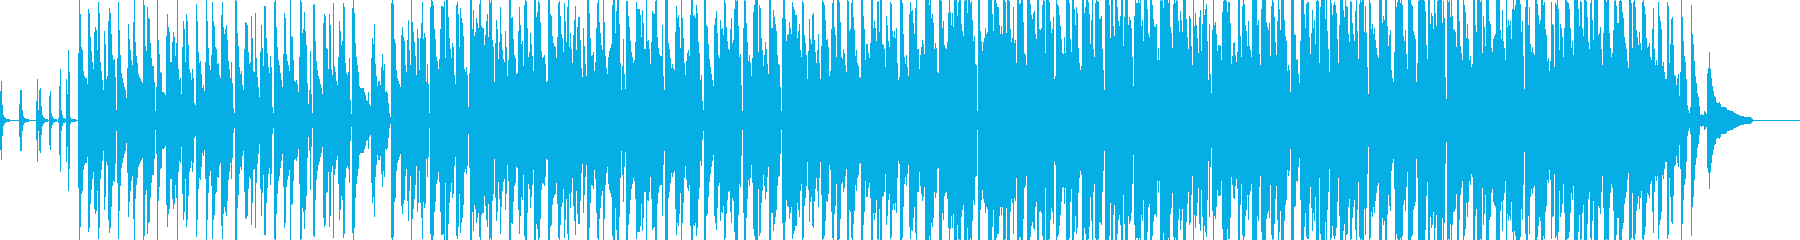 【宣伝CM用】ほのぼの明るくて楽しい曲の再生済みの波形